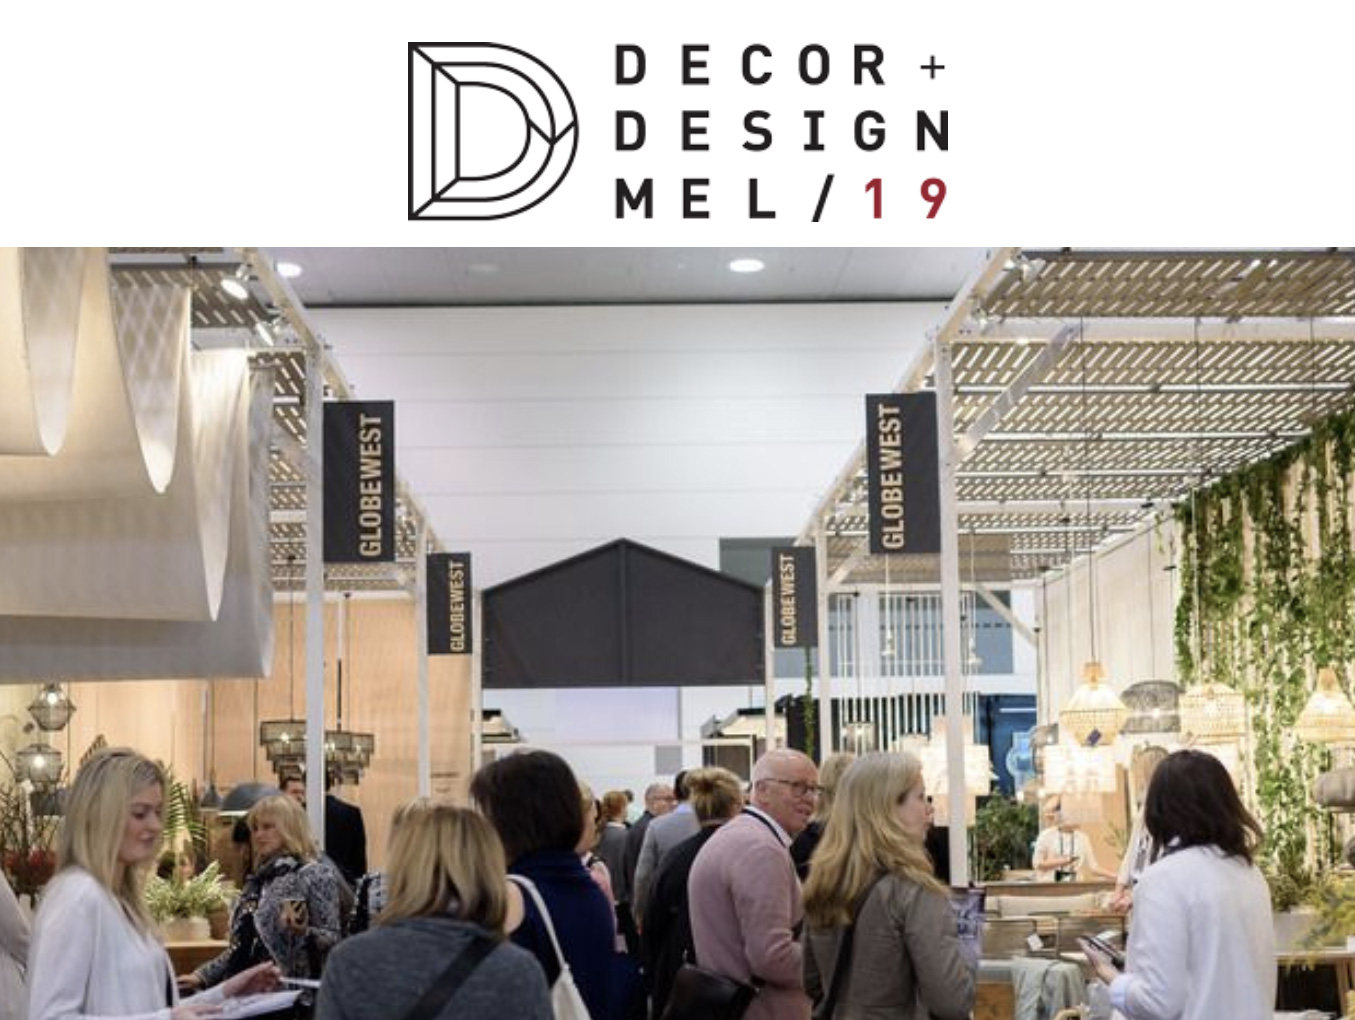 Décor + Design 2019 - Melbourne